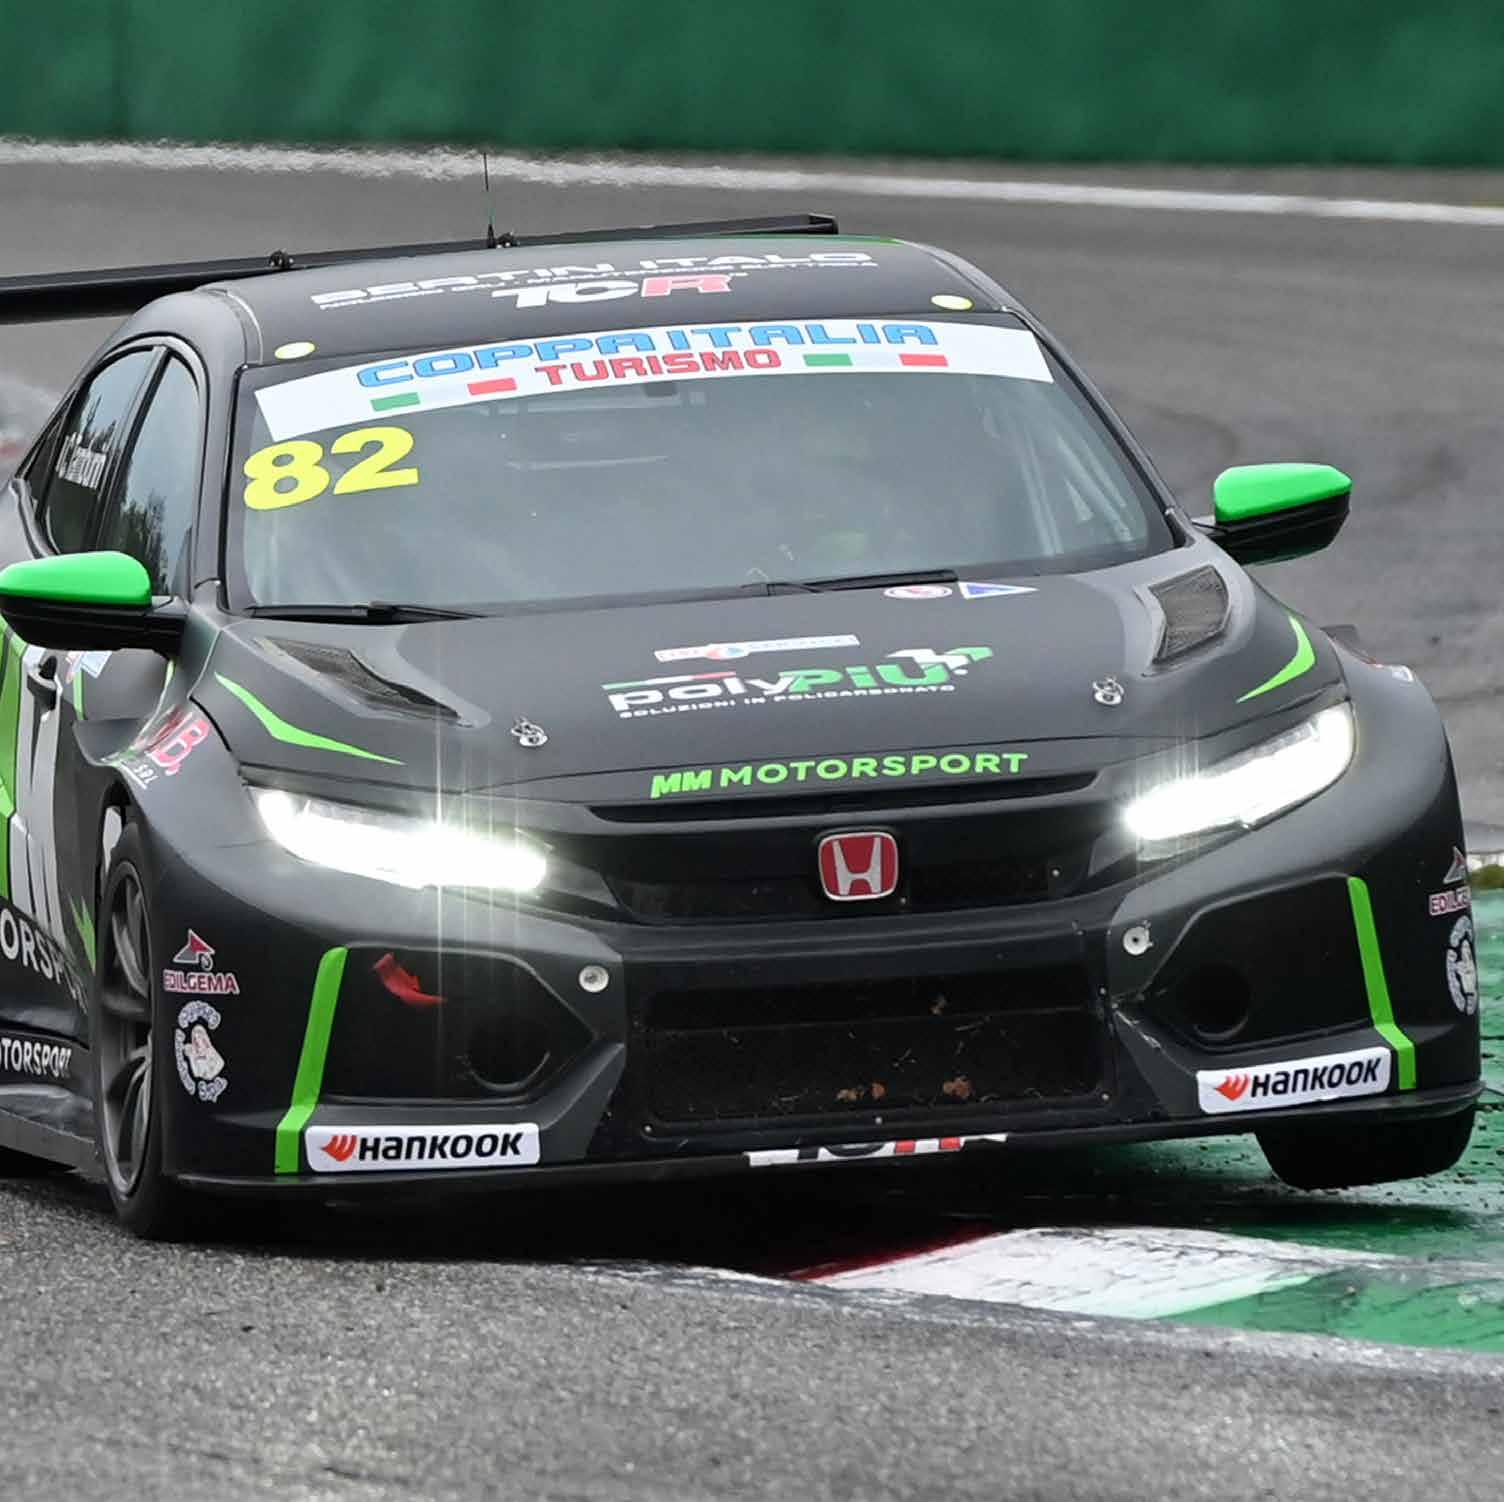 polypiu-sponsor-del-team-mm-motorsport-2